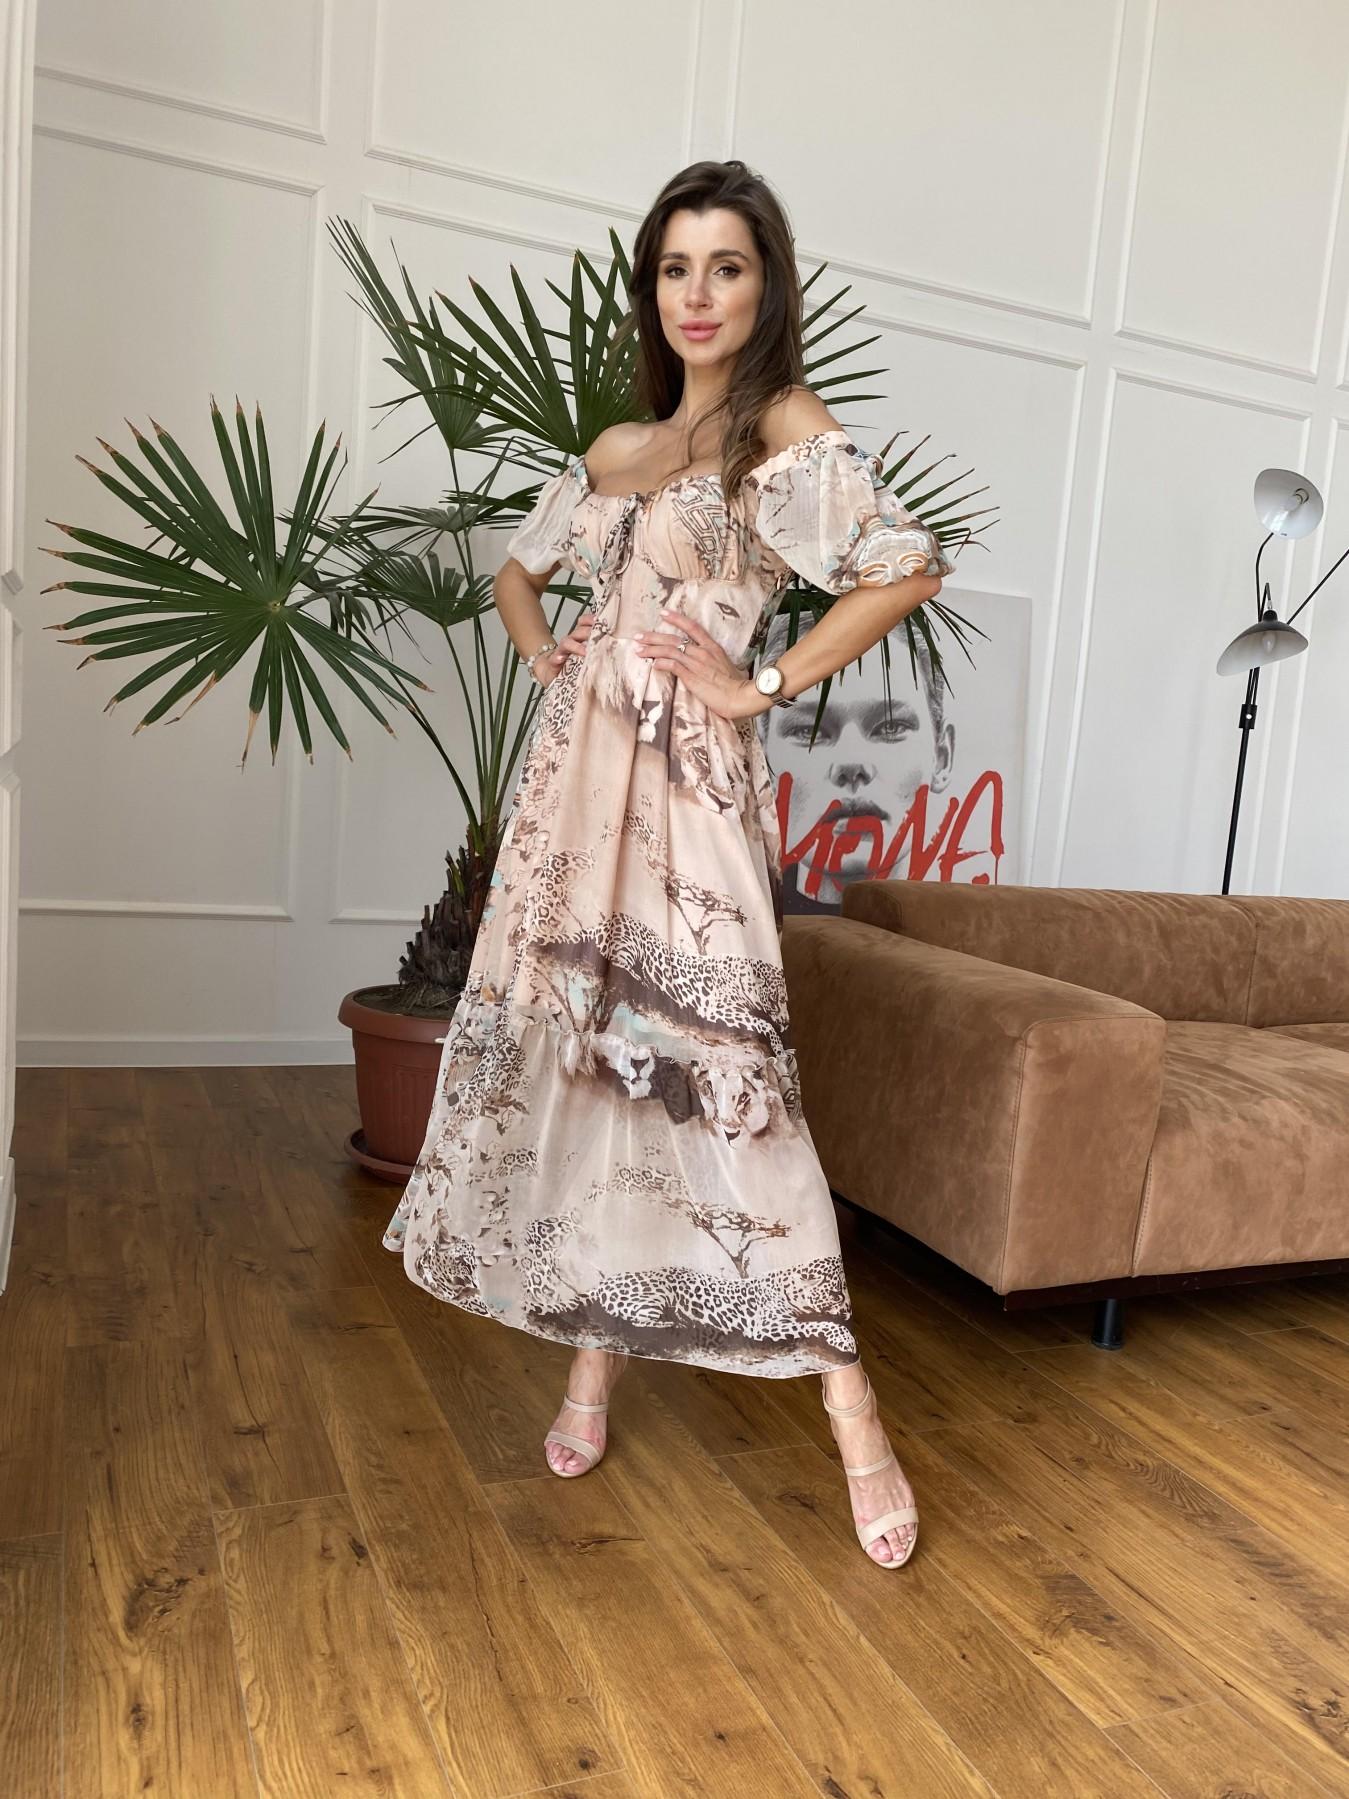 Лоретта платье из шифона в принт 11468 АРТ. 48265 Цвет: Бежевый/бирюзаЛеопард2 - фото 4, интернет магазин tm-modus.ru